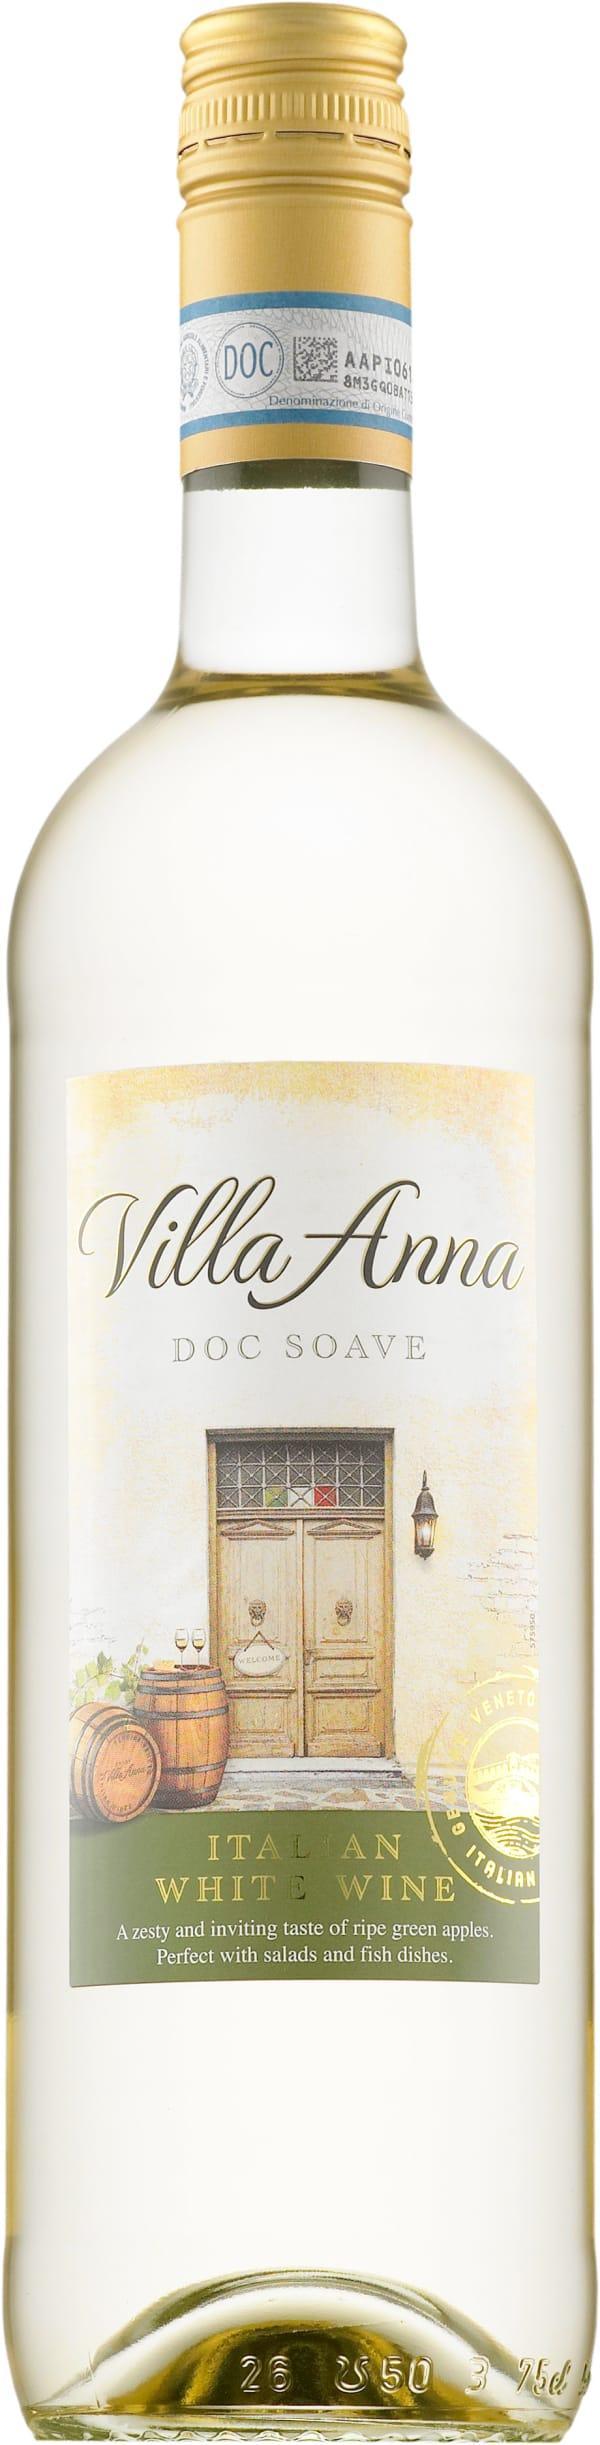 Villa Anna Soave 2019